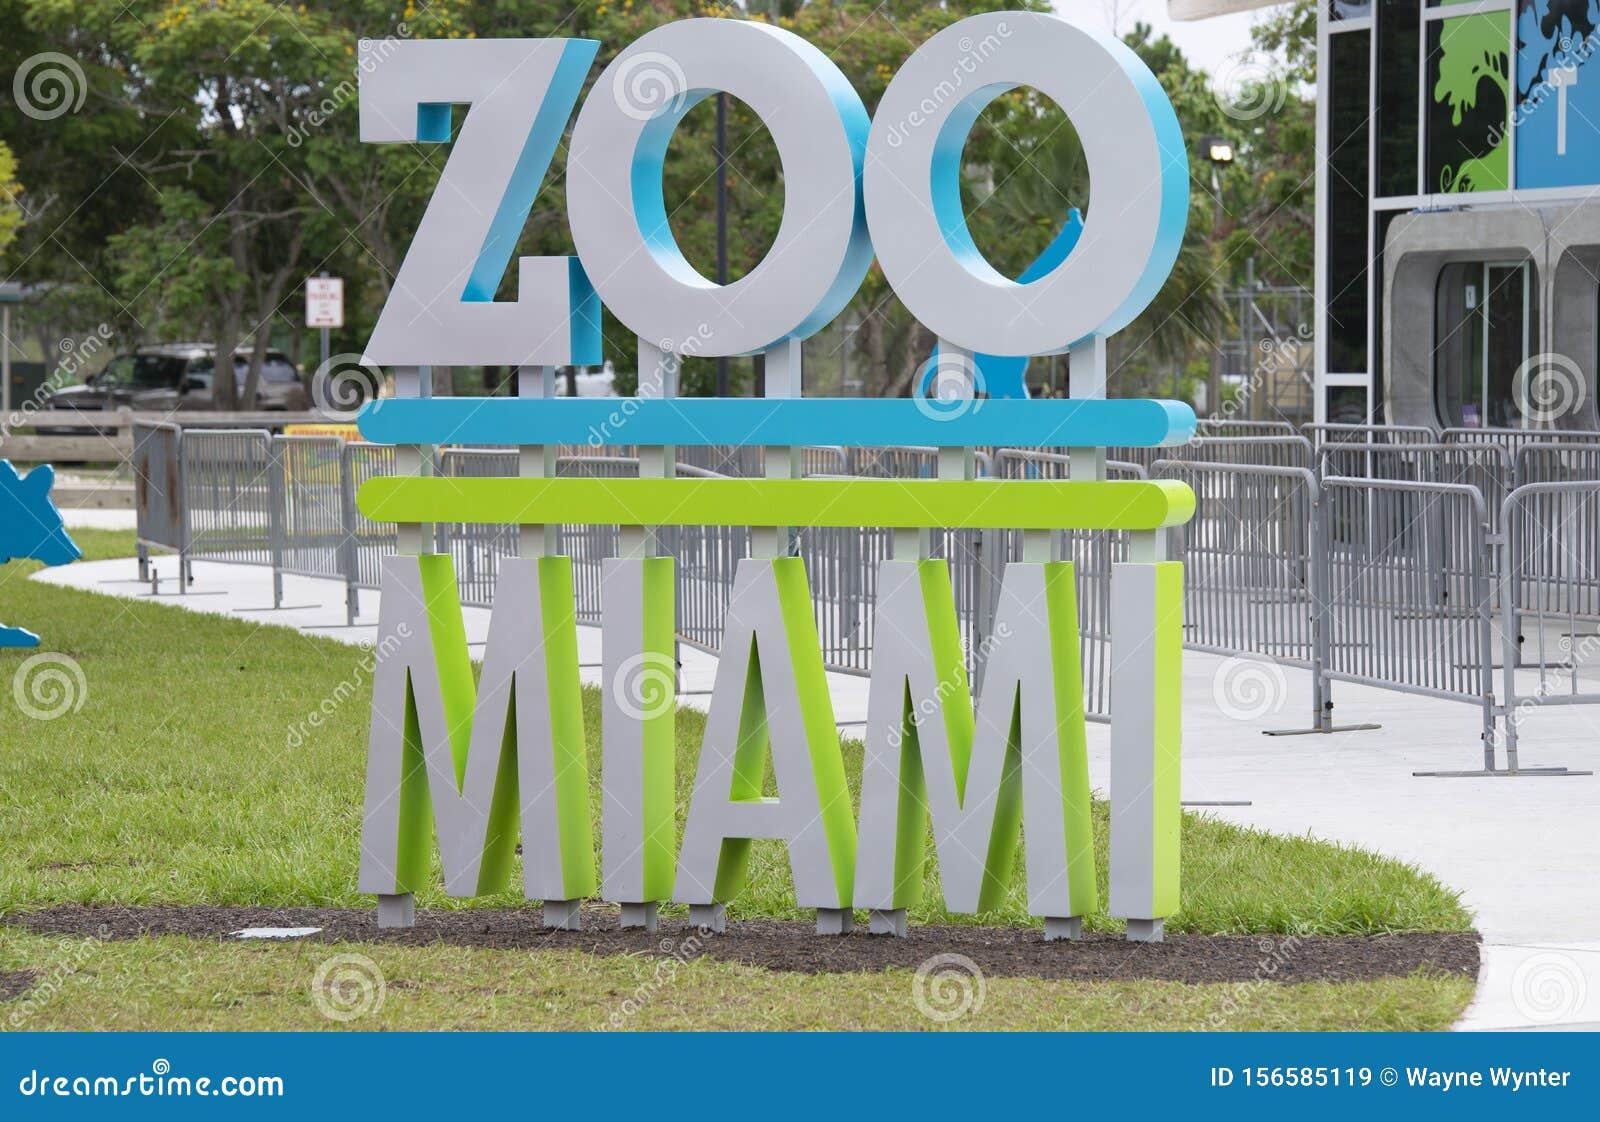 Zoo idag dating